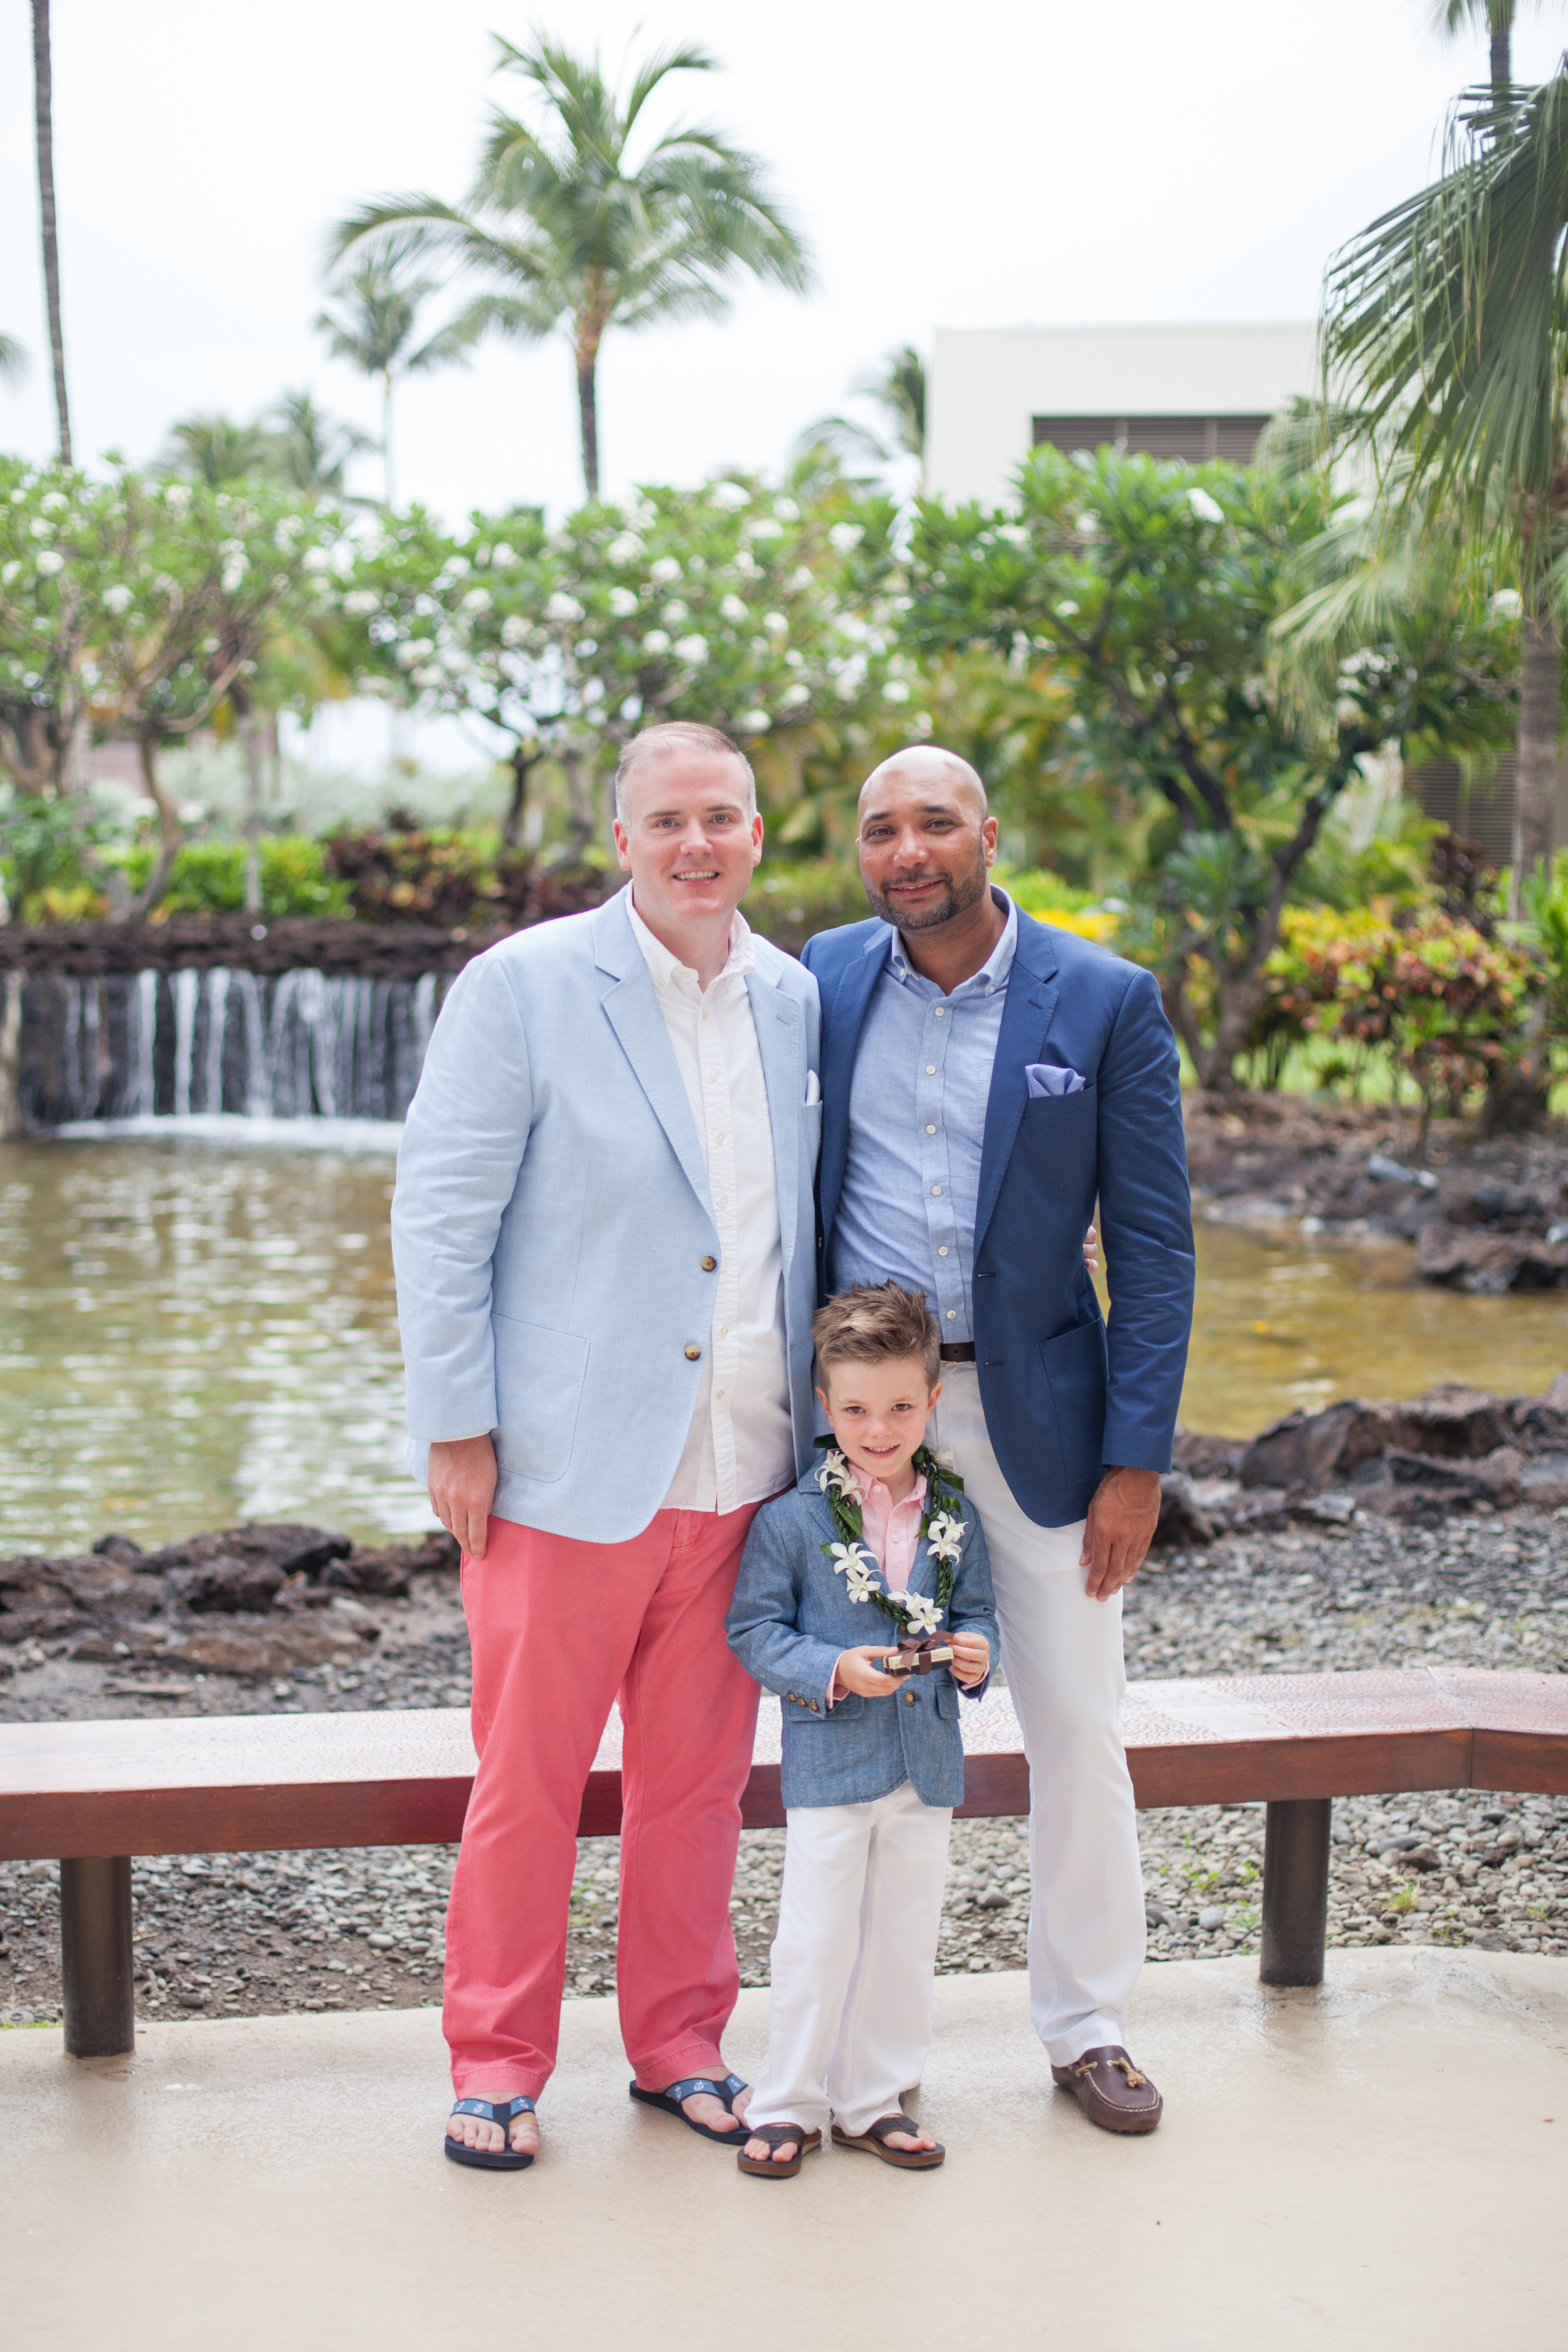 big island hawaii rmauna lani beach wedding © kelilina photography 20160601180405-3.jpg